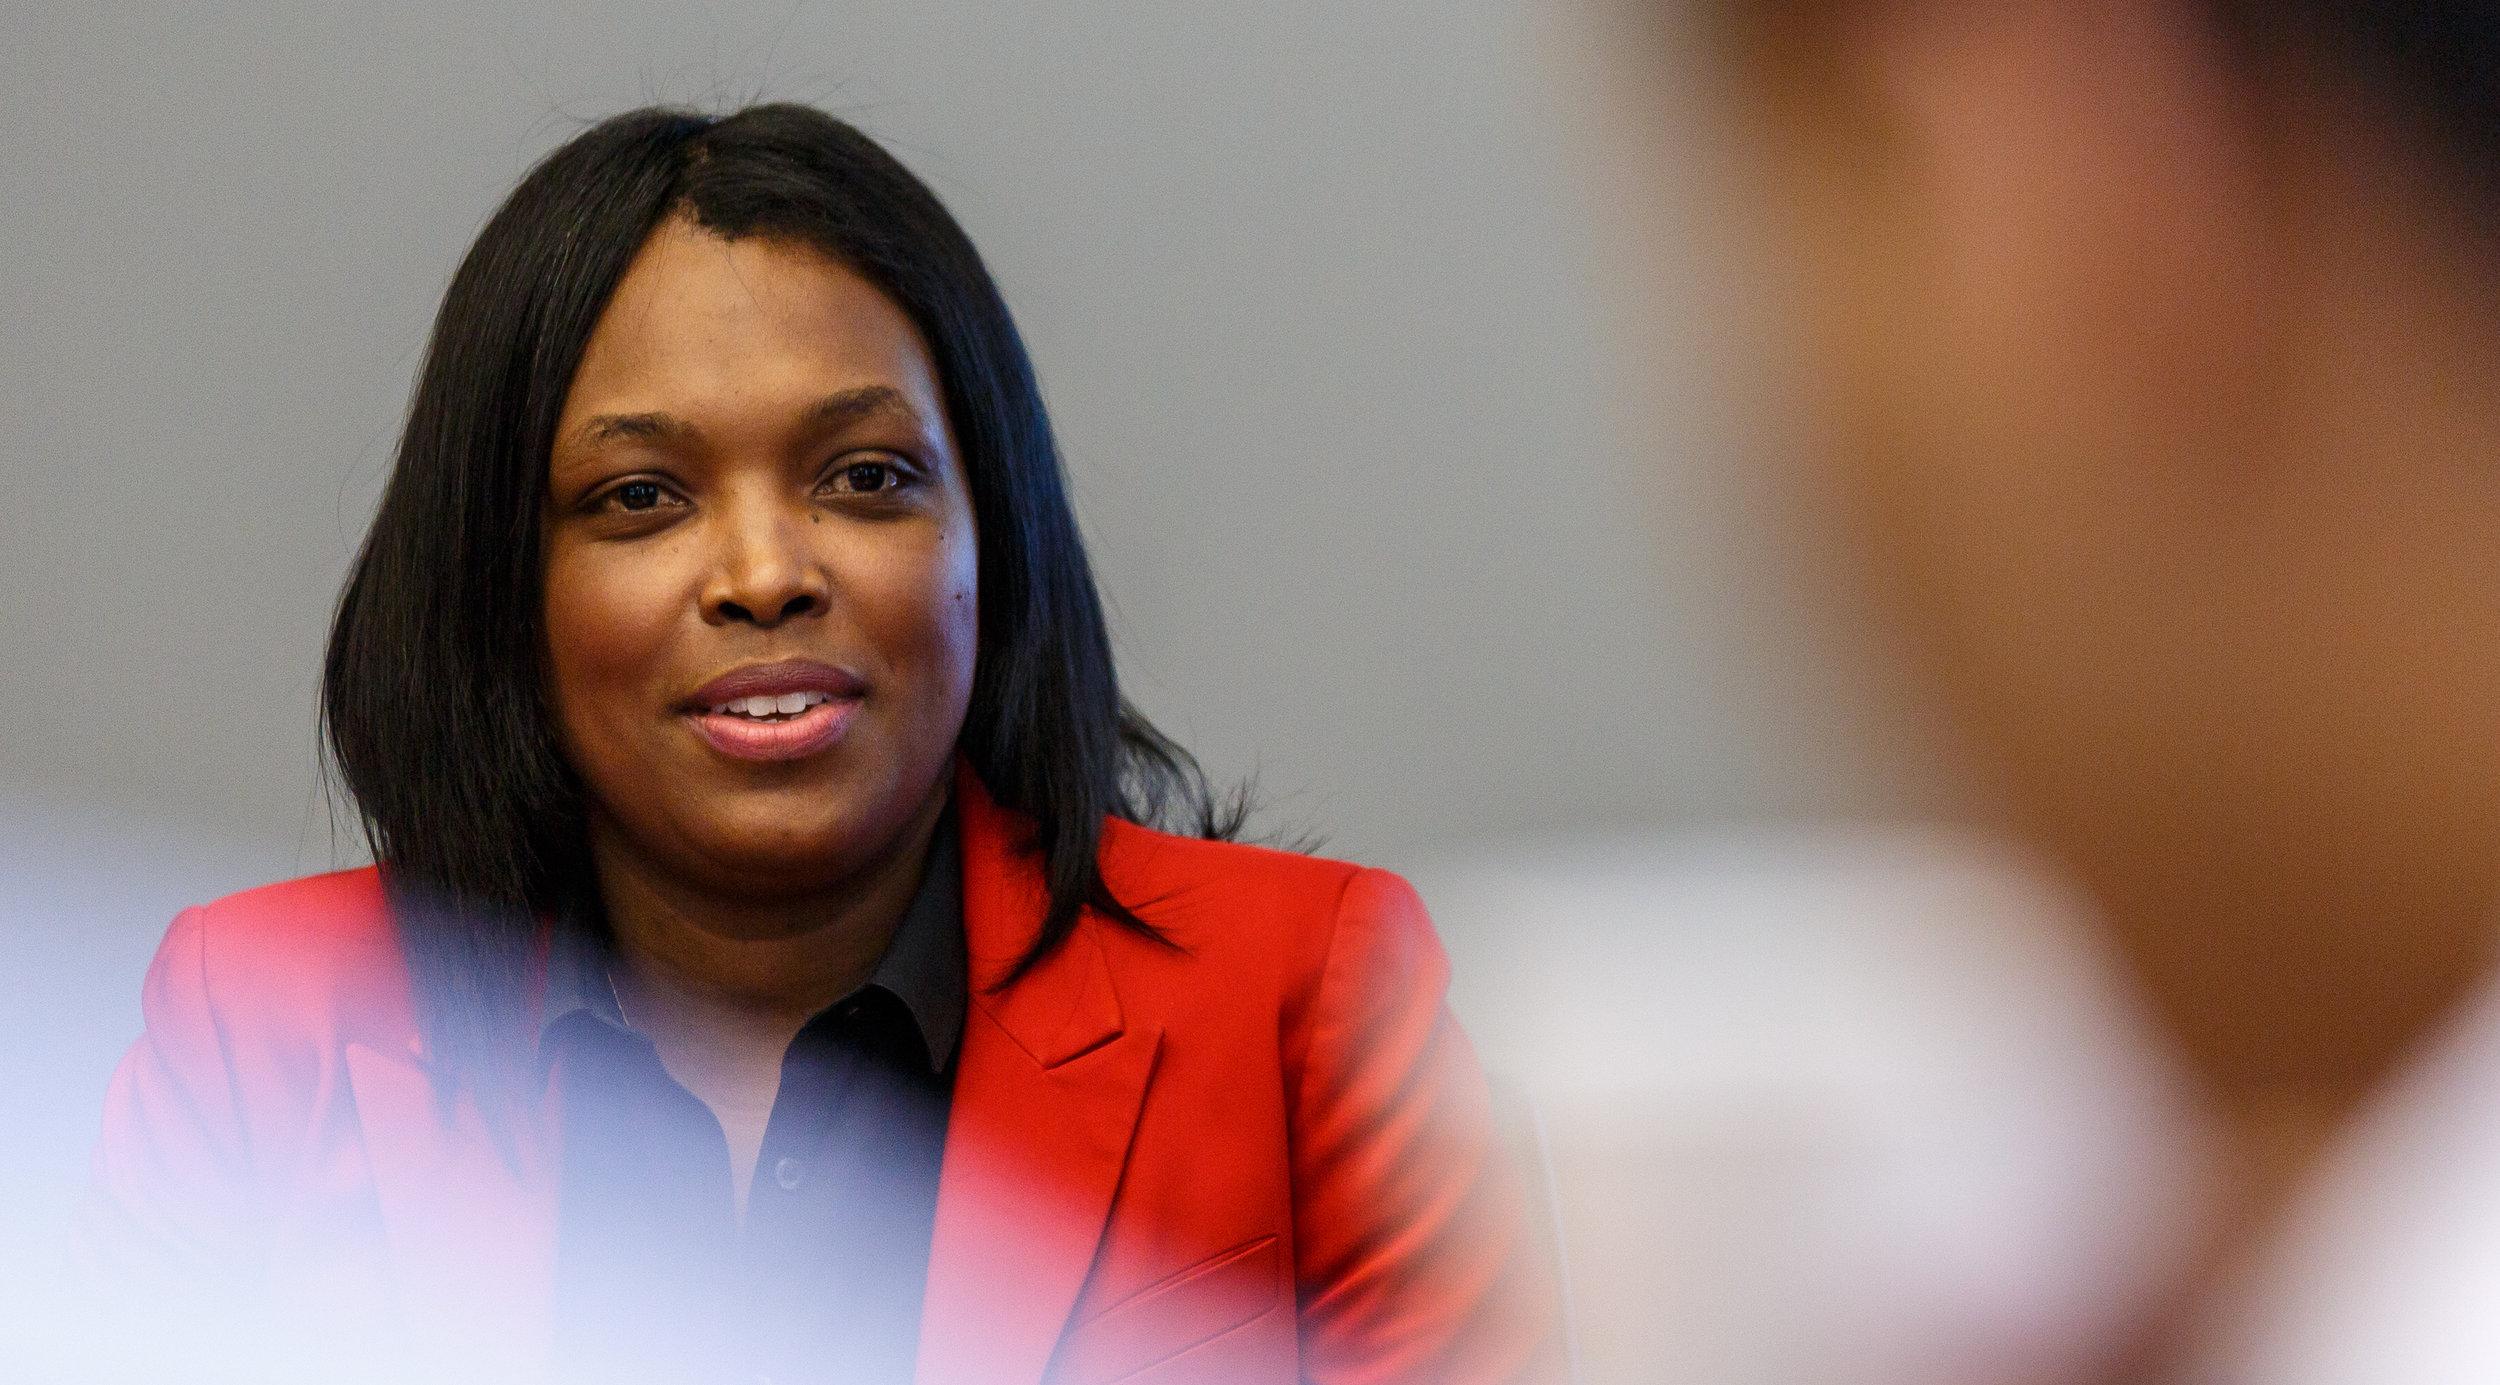 Janice Jackson (photo courtesy Chicago Public Schools)